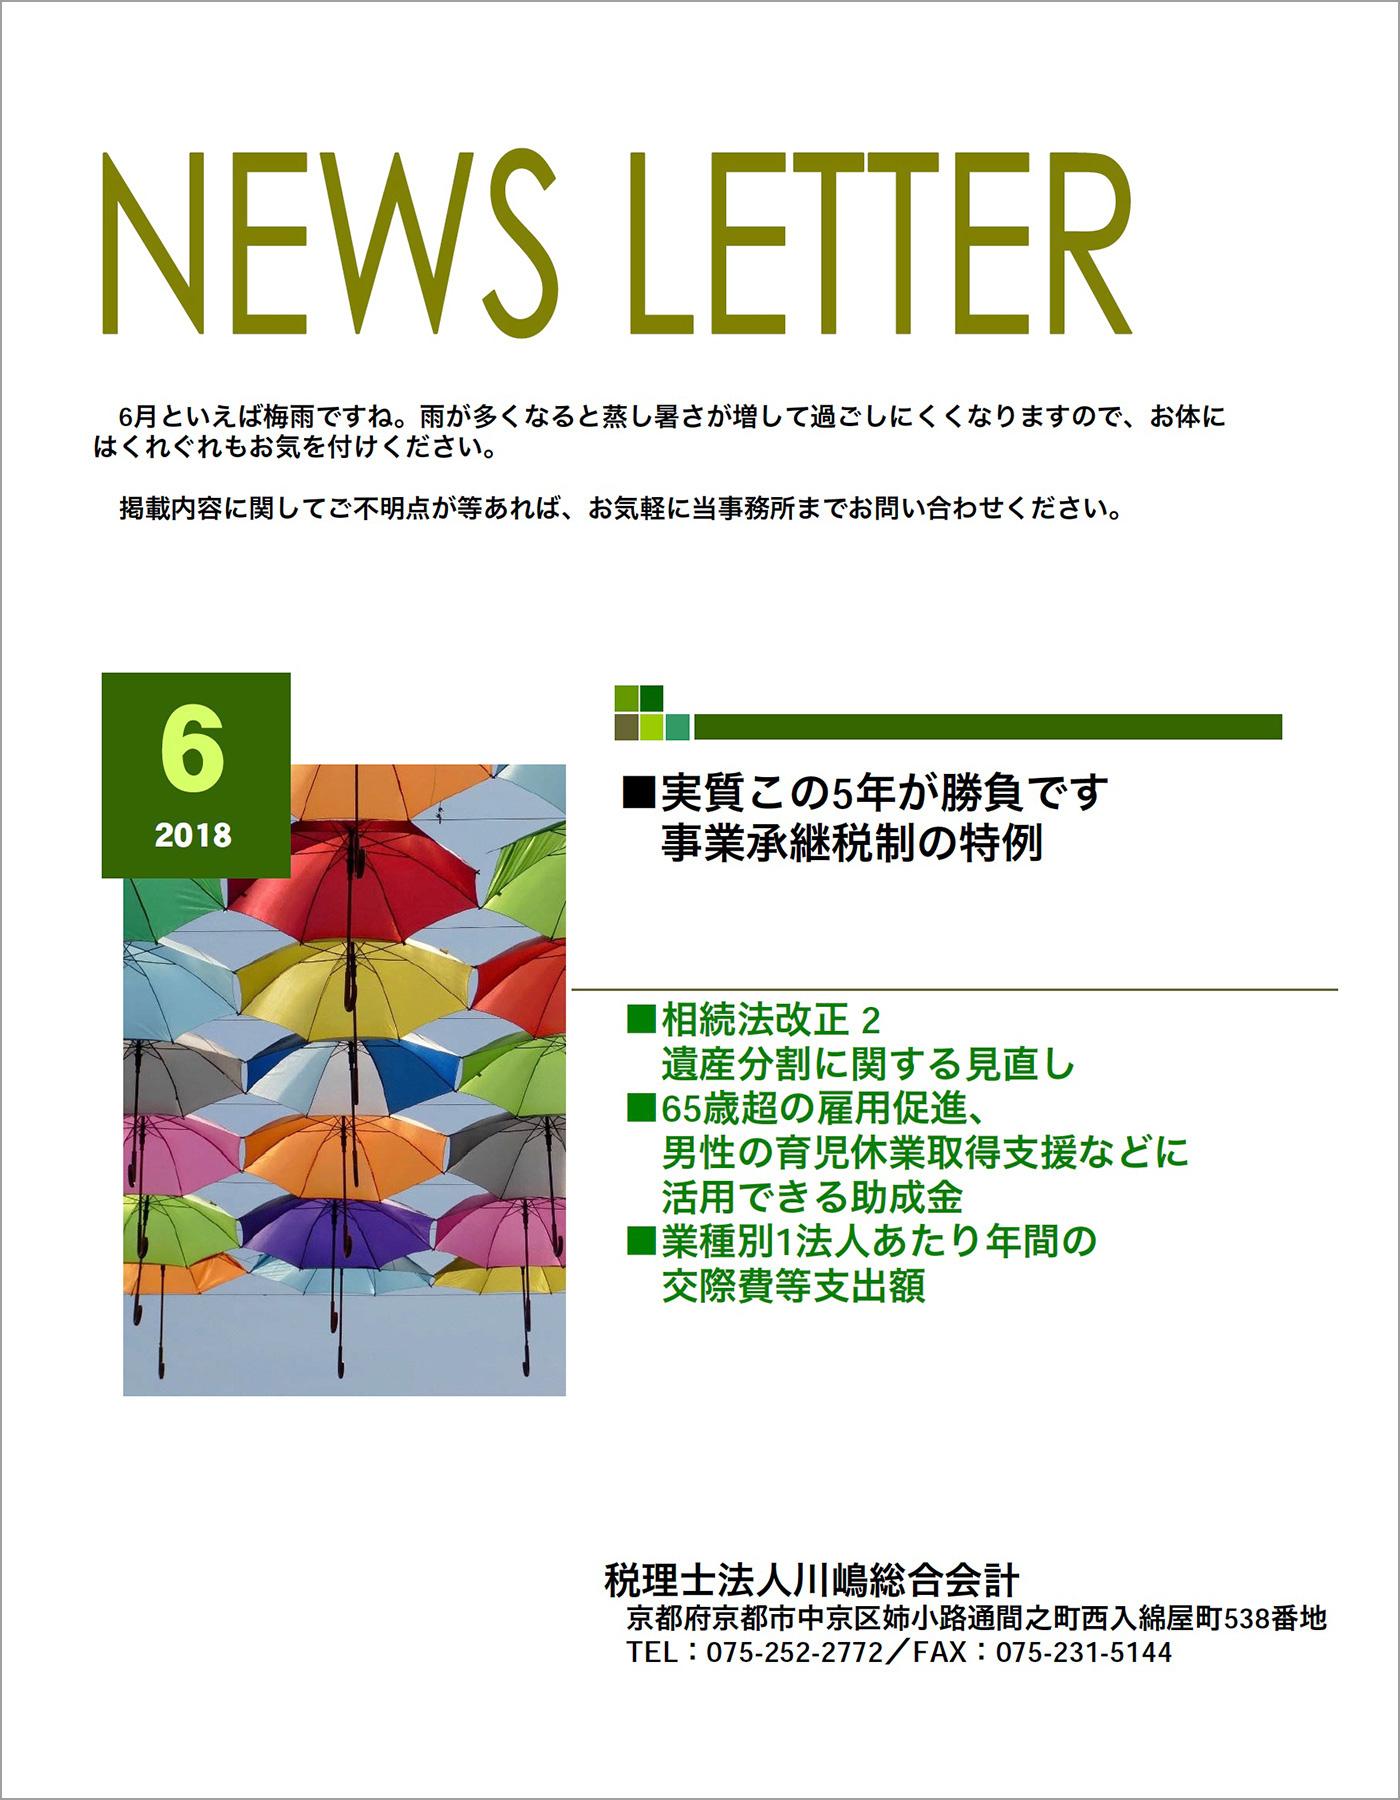 川嶋総合会計ニュースレター